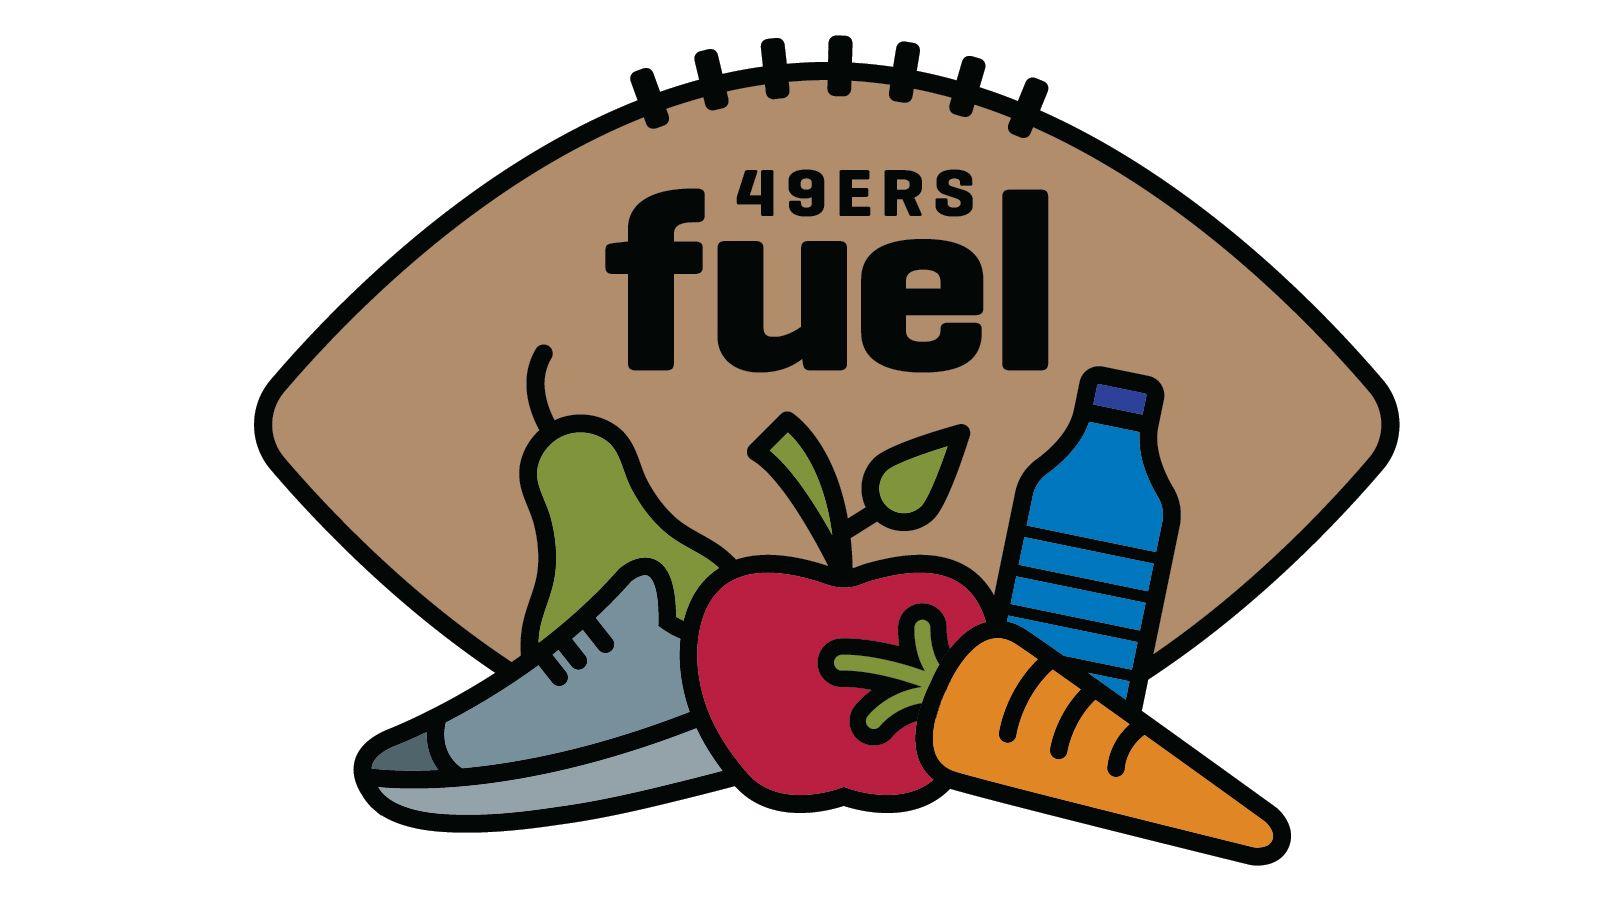 49ers Fuel